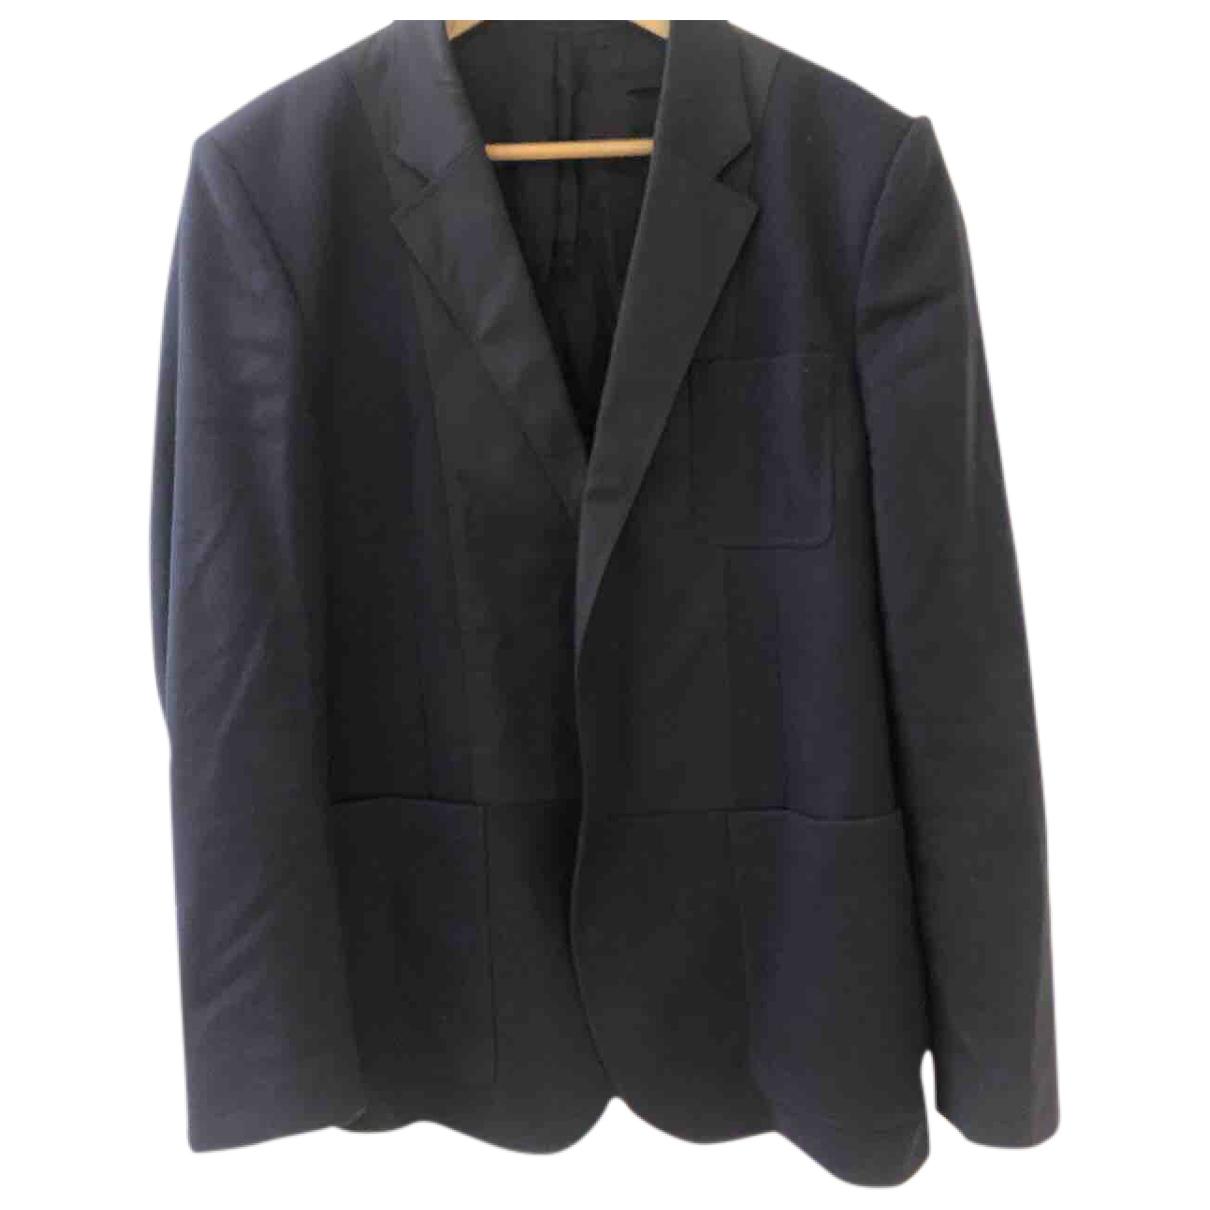 Givenchy \N Jacke in  Blau Wolle